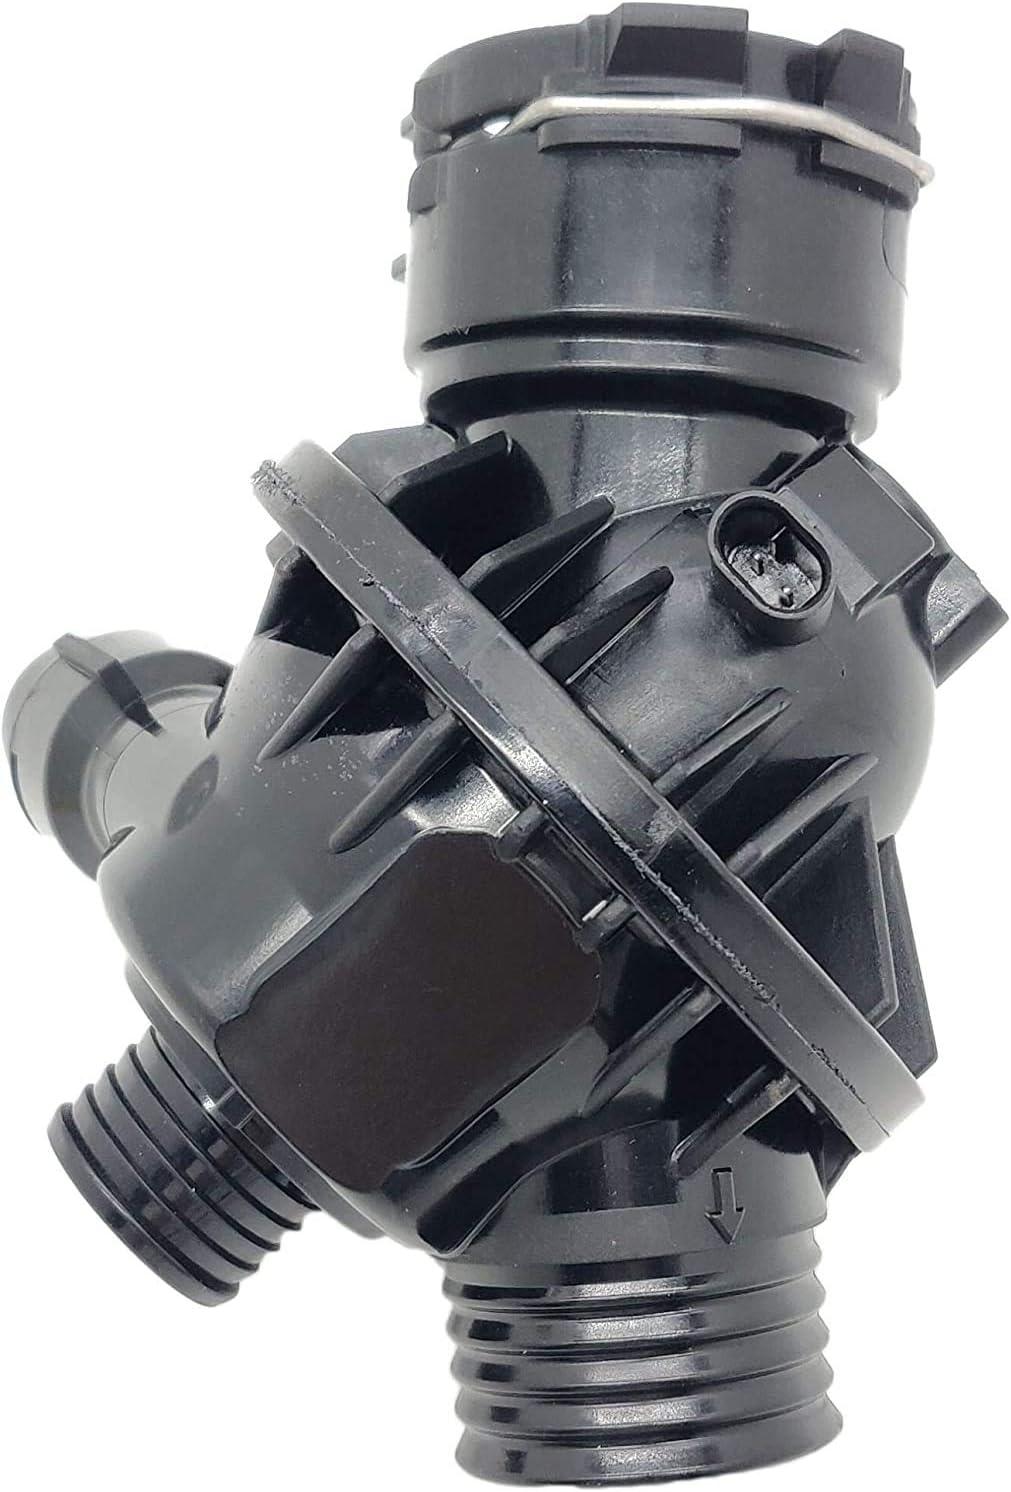 Thermostat Housing for BMW 335i 435i X5 X6 Activehybrid 3 M135i M2 M235i 3.0L 11537598865 11532394968